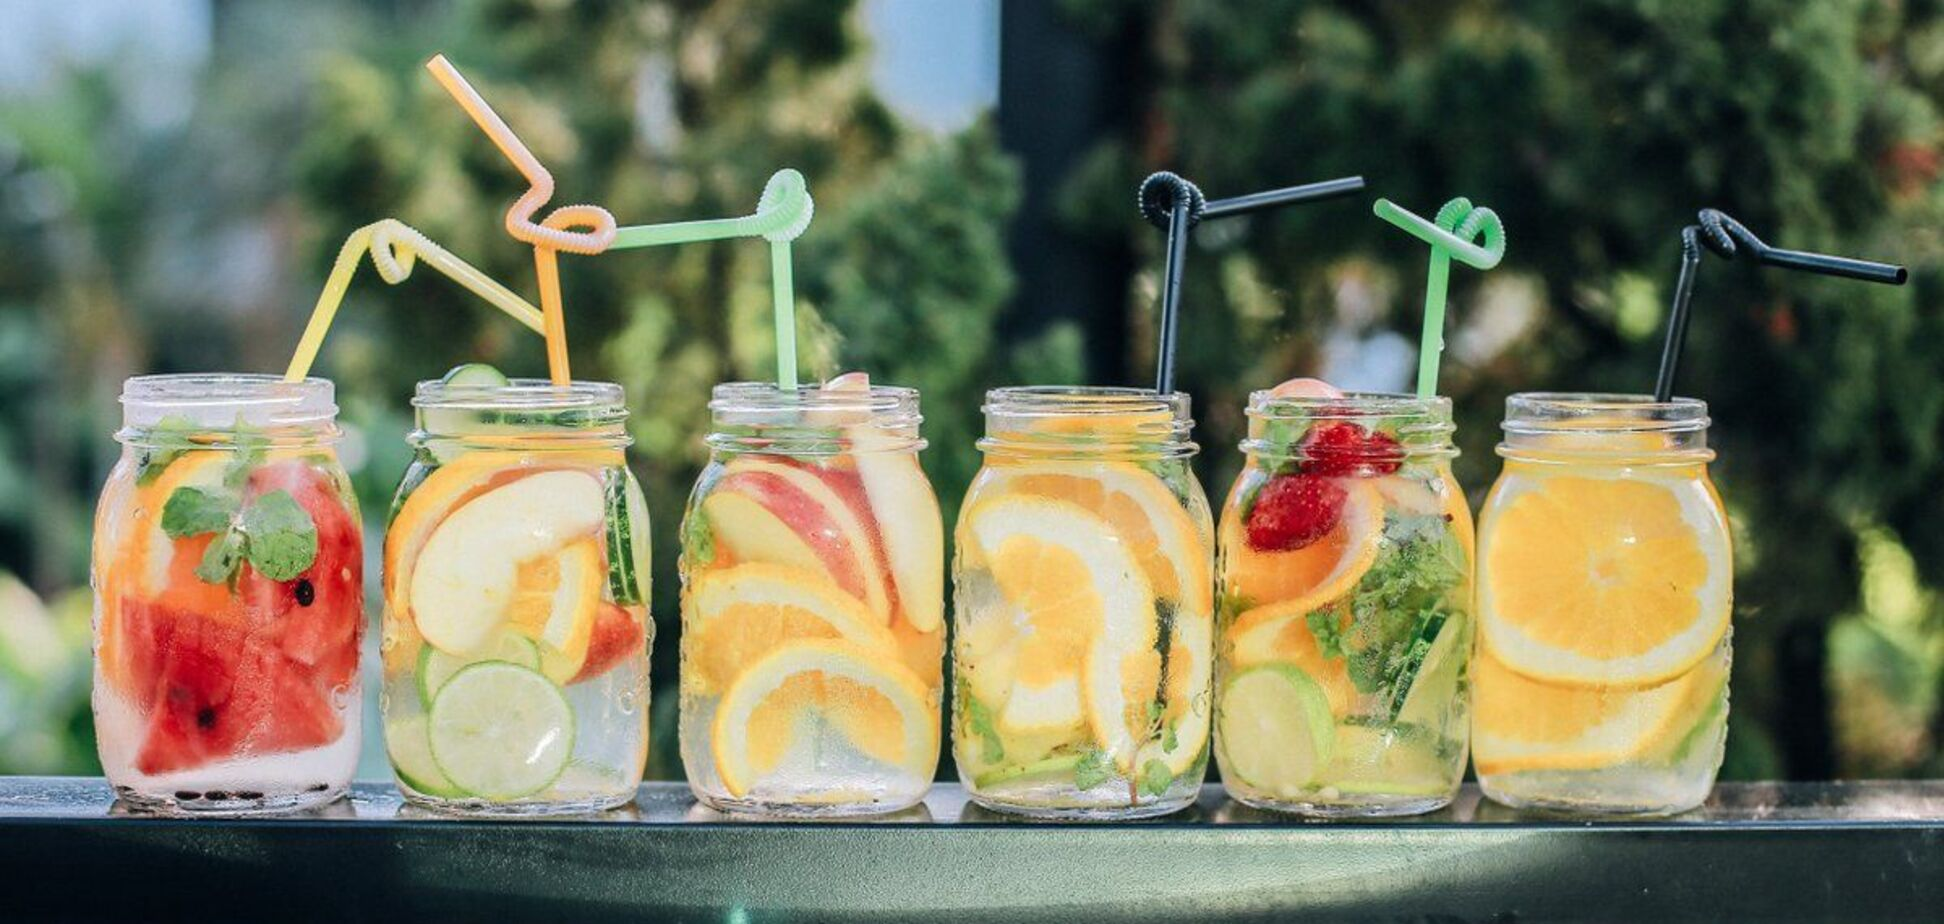 Напитки для укрепления иммунитета: рецепты вкусных и полезных коктейлей